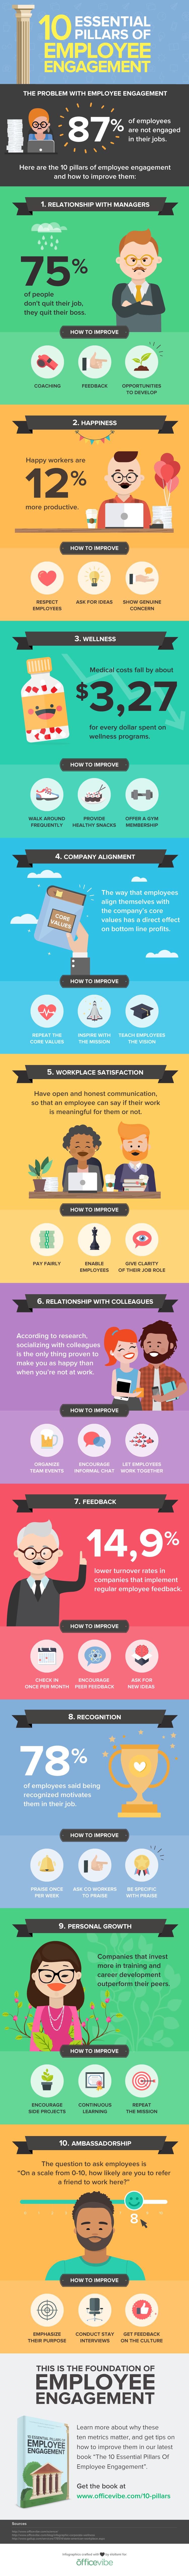 10-piliers-de-l-engagement-des-collaborateurs